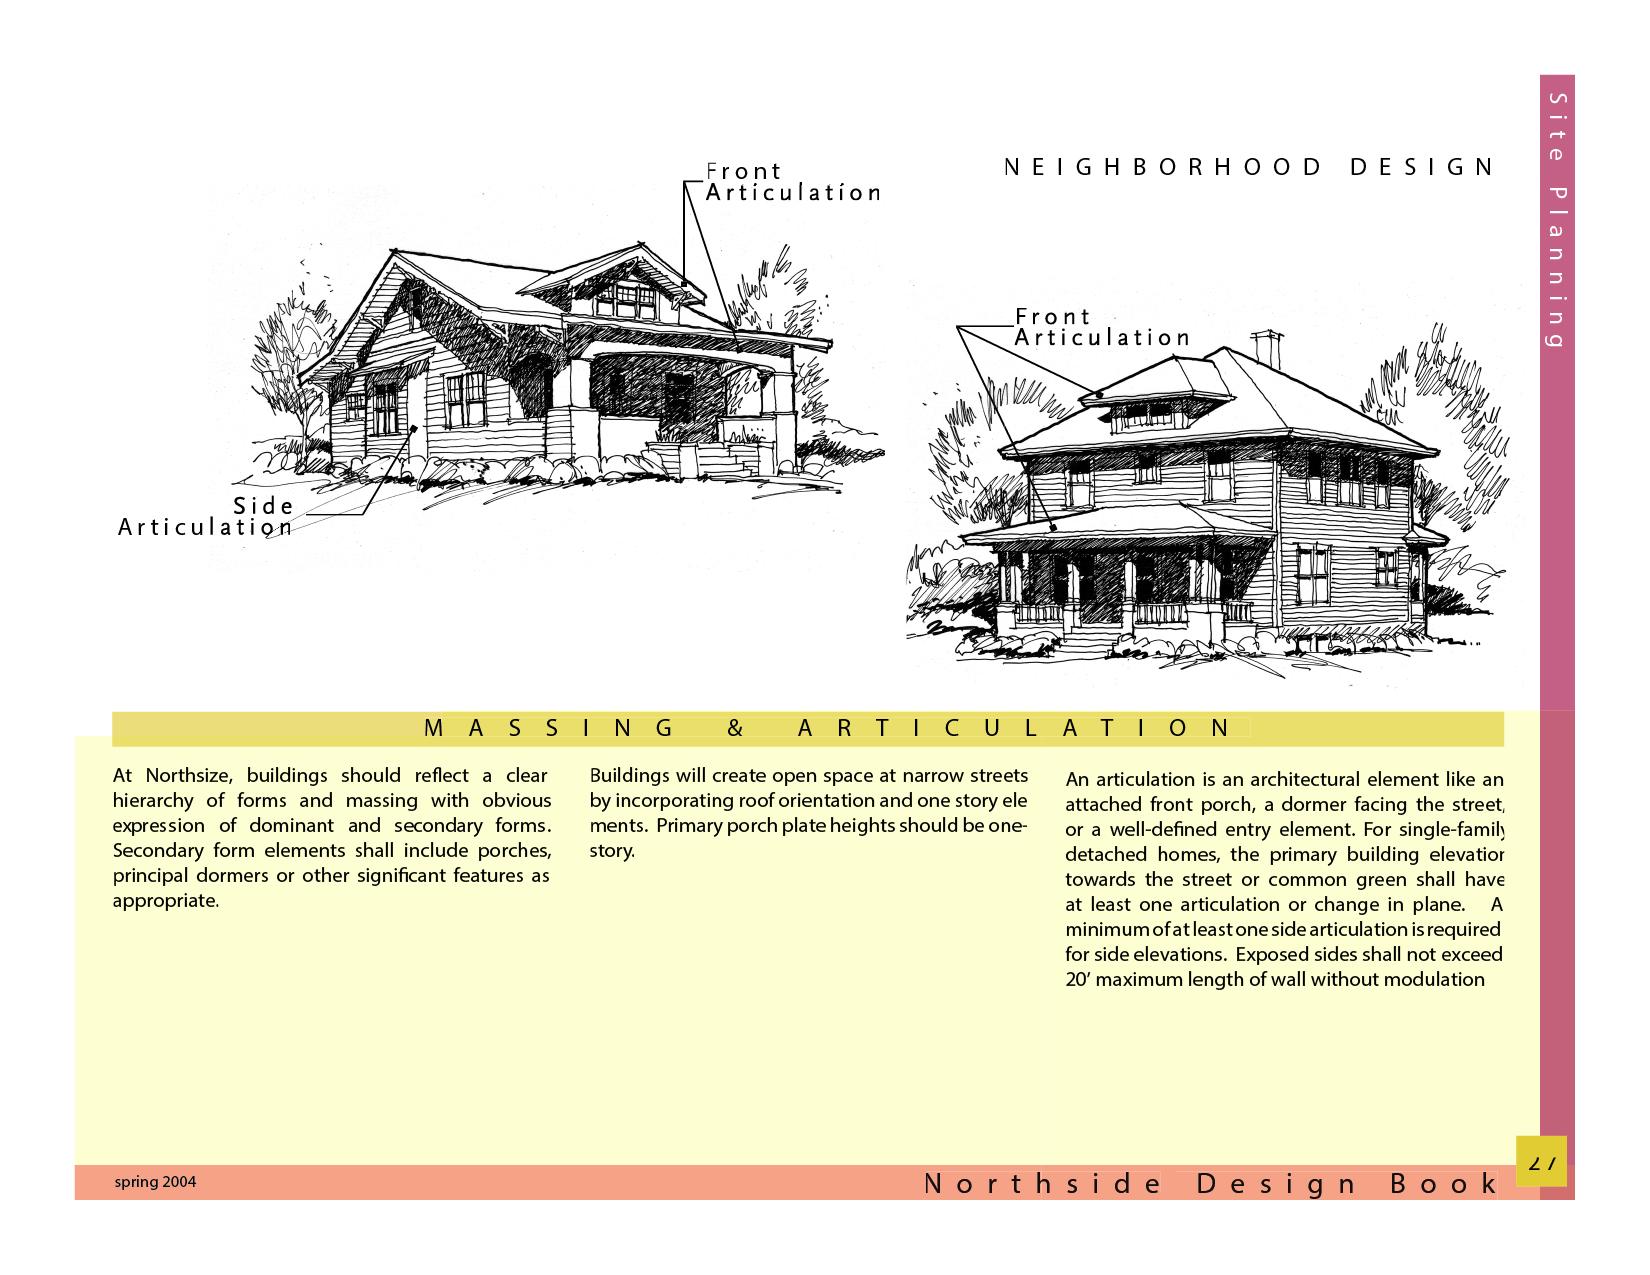 27Artboard 1.jpg